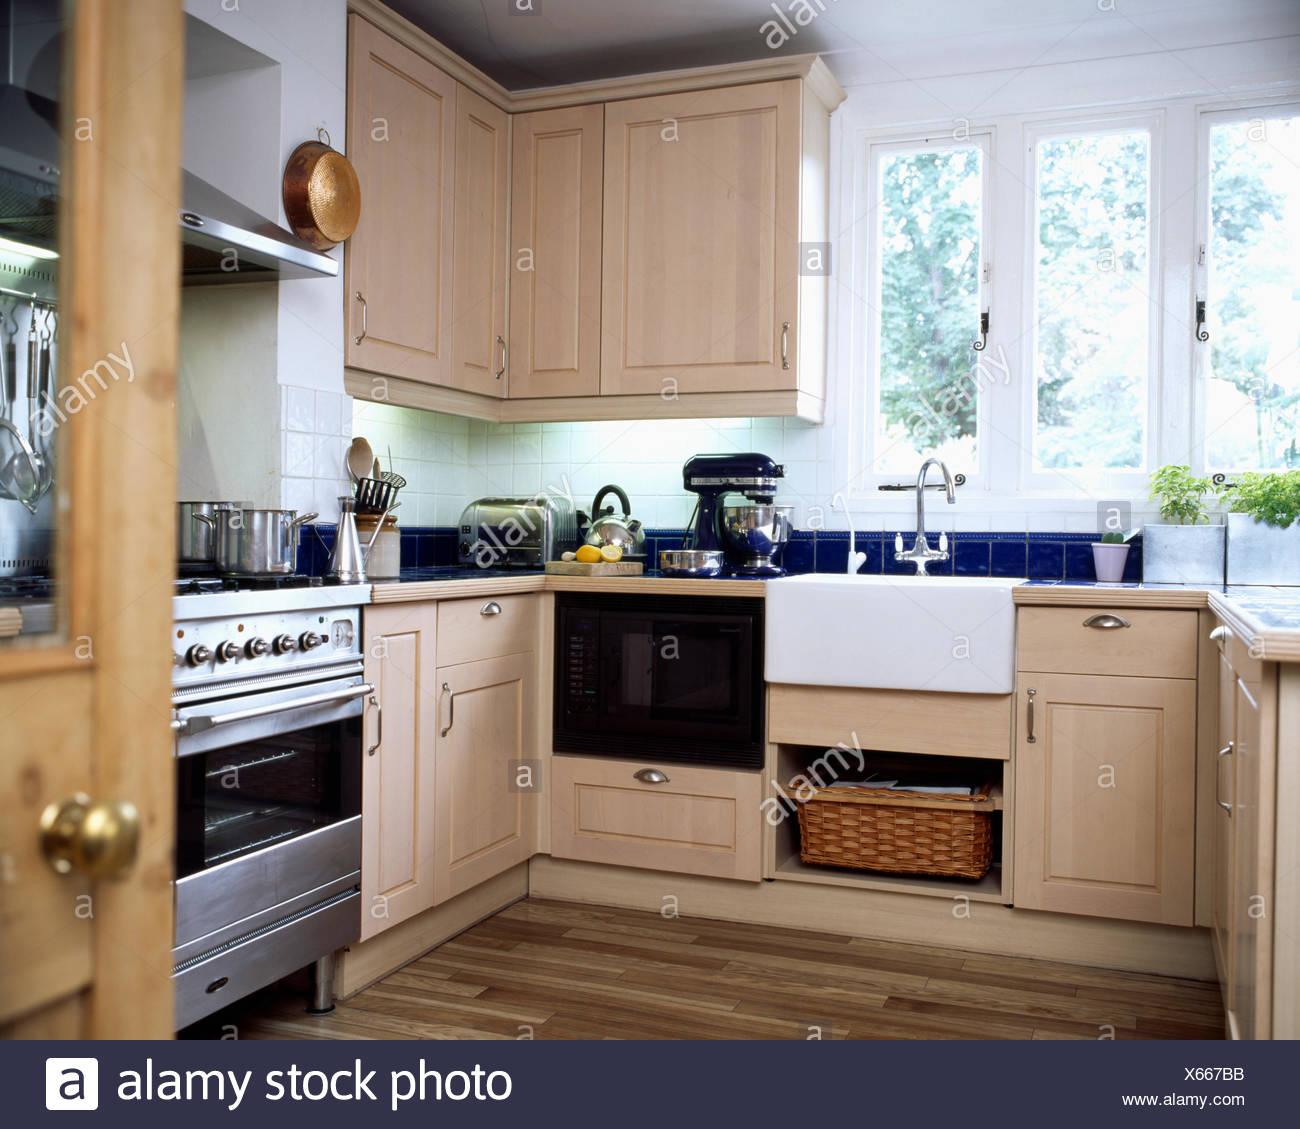 Lavello Cucina Sotto Finestra